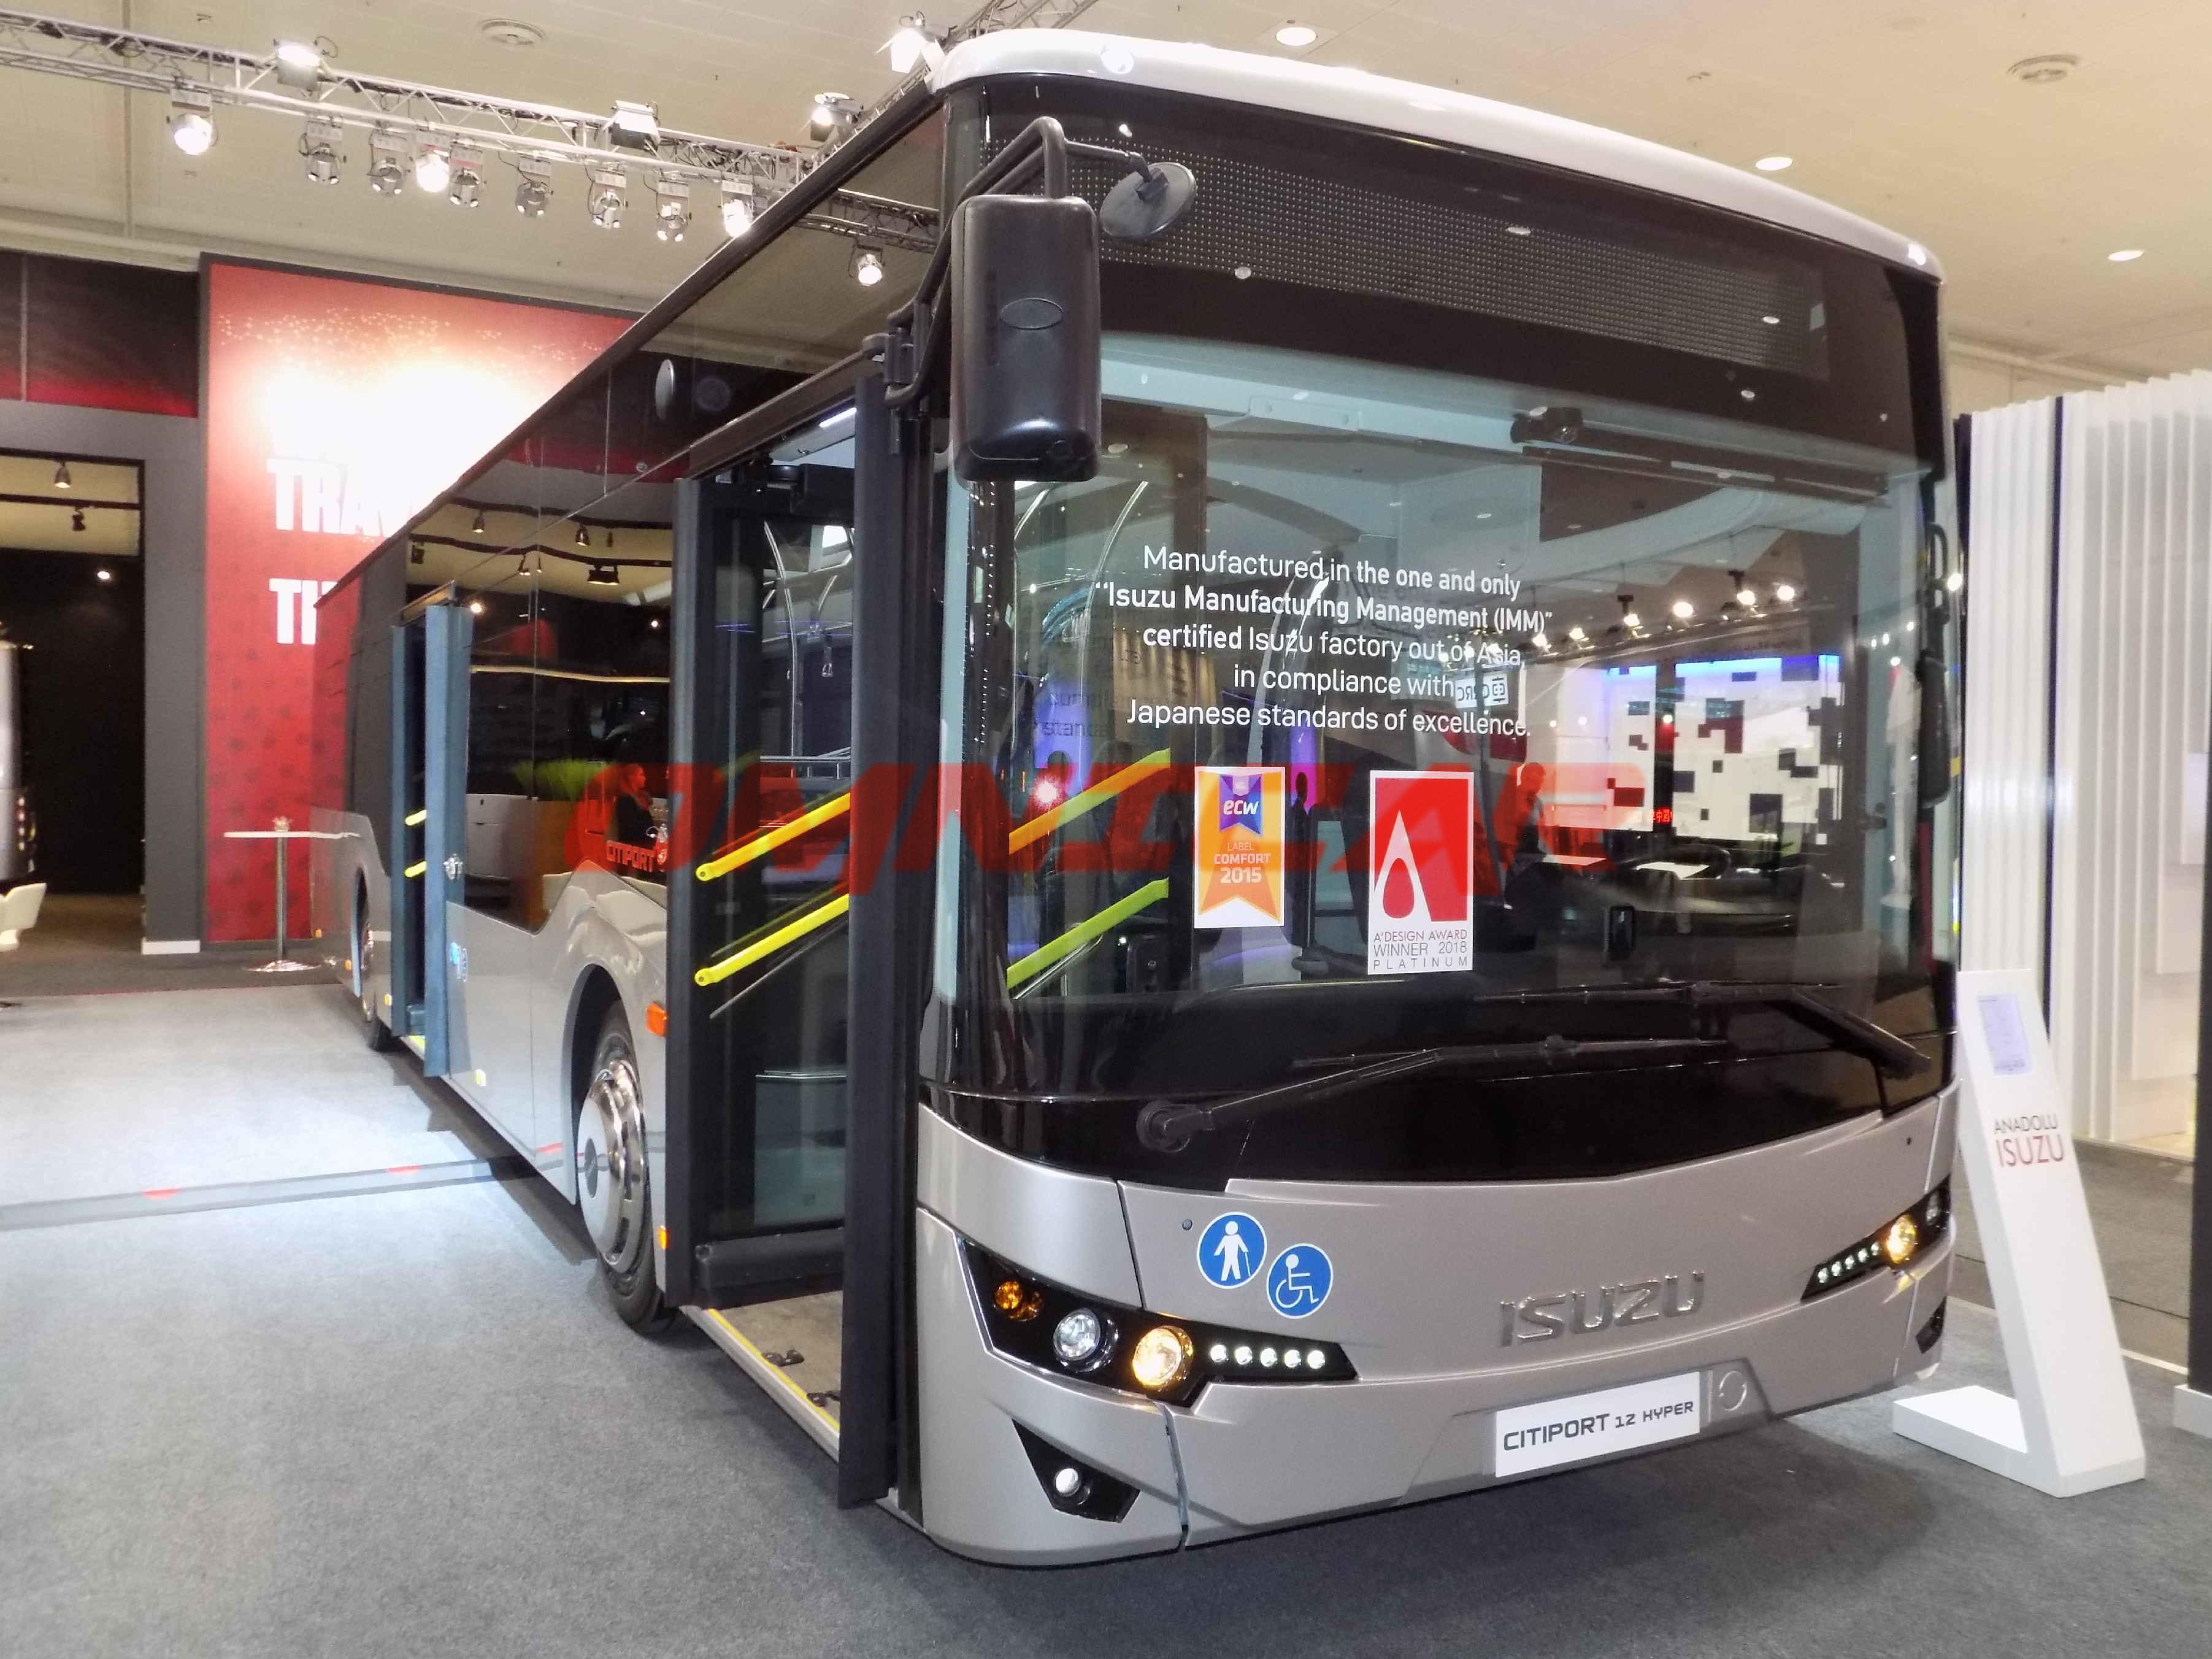 Omnicar Citiport 12 - Stadtbus 36 Sitze IAA-2018 Isuzu Bus